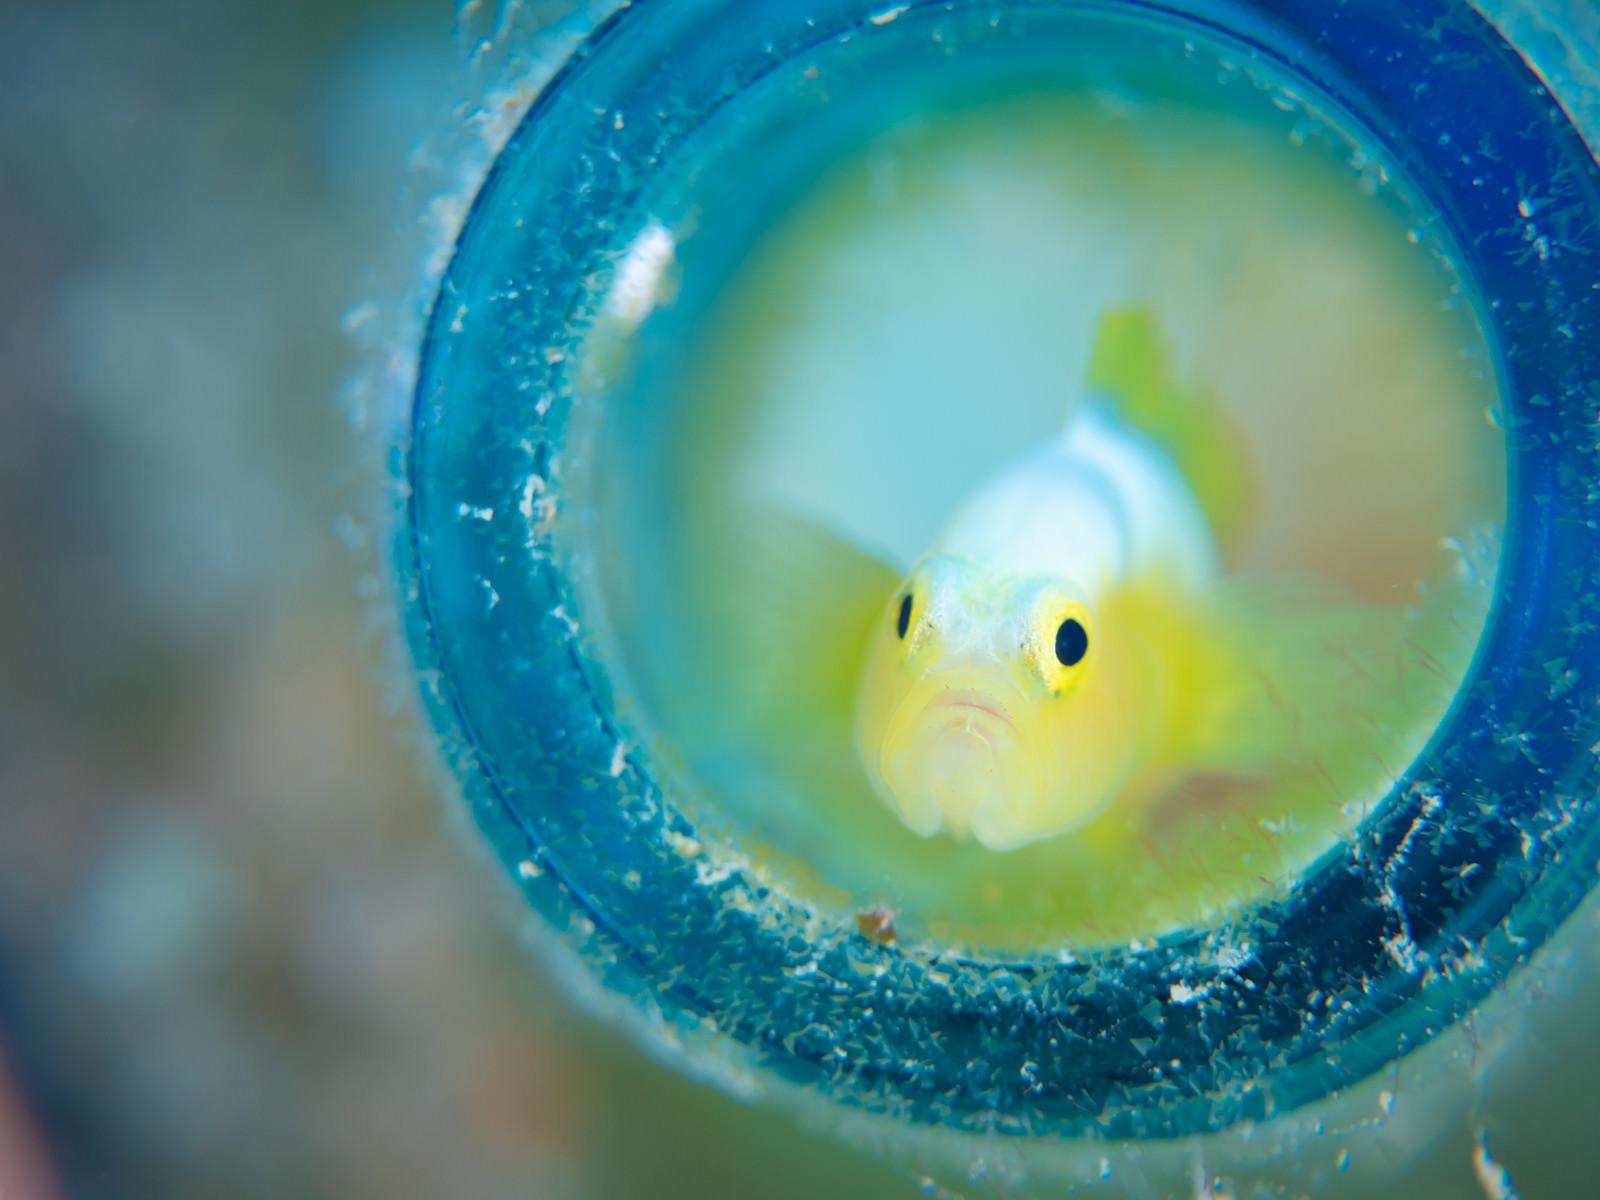 「容器の中から様子を窺うナカモトイロワケハゼ(ハゼ科)」の写真